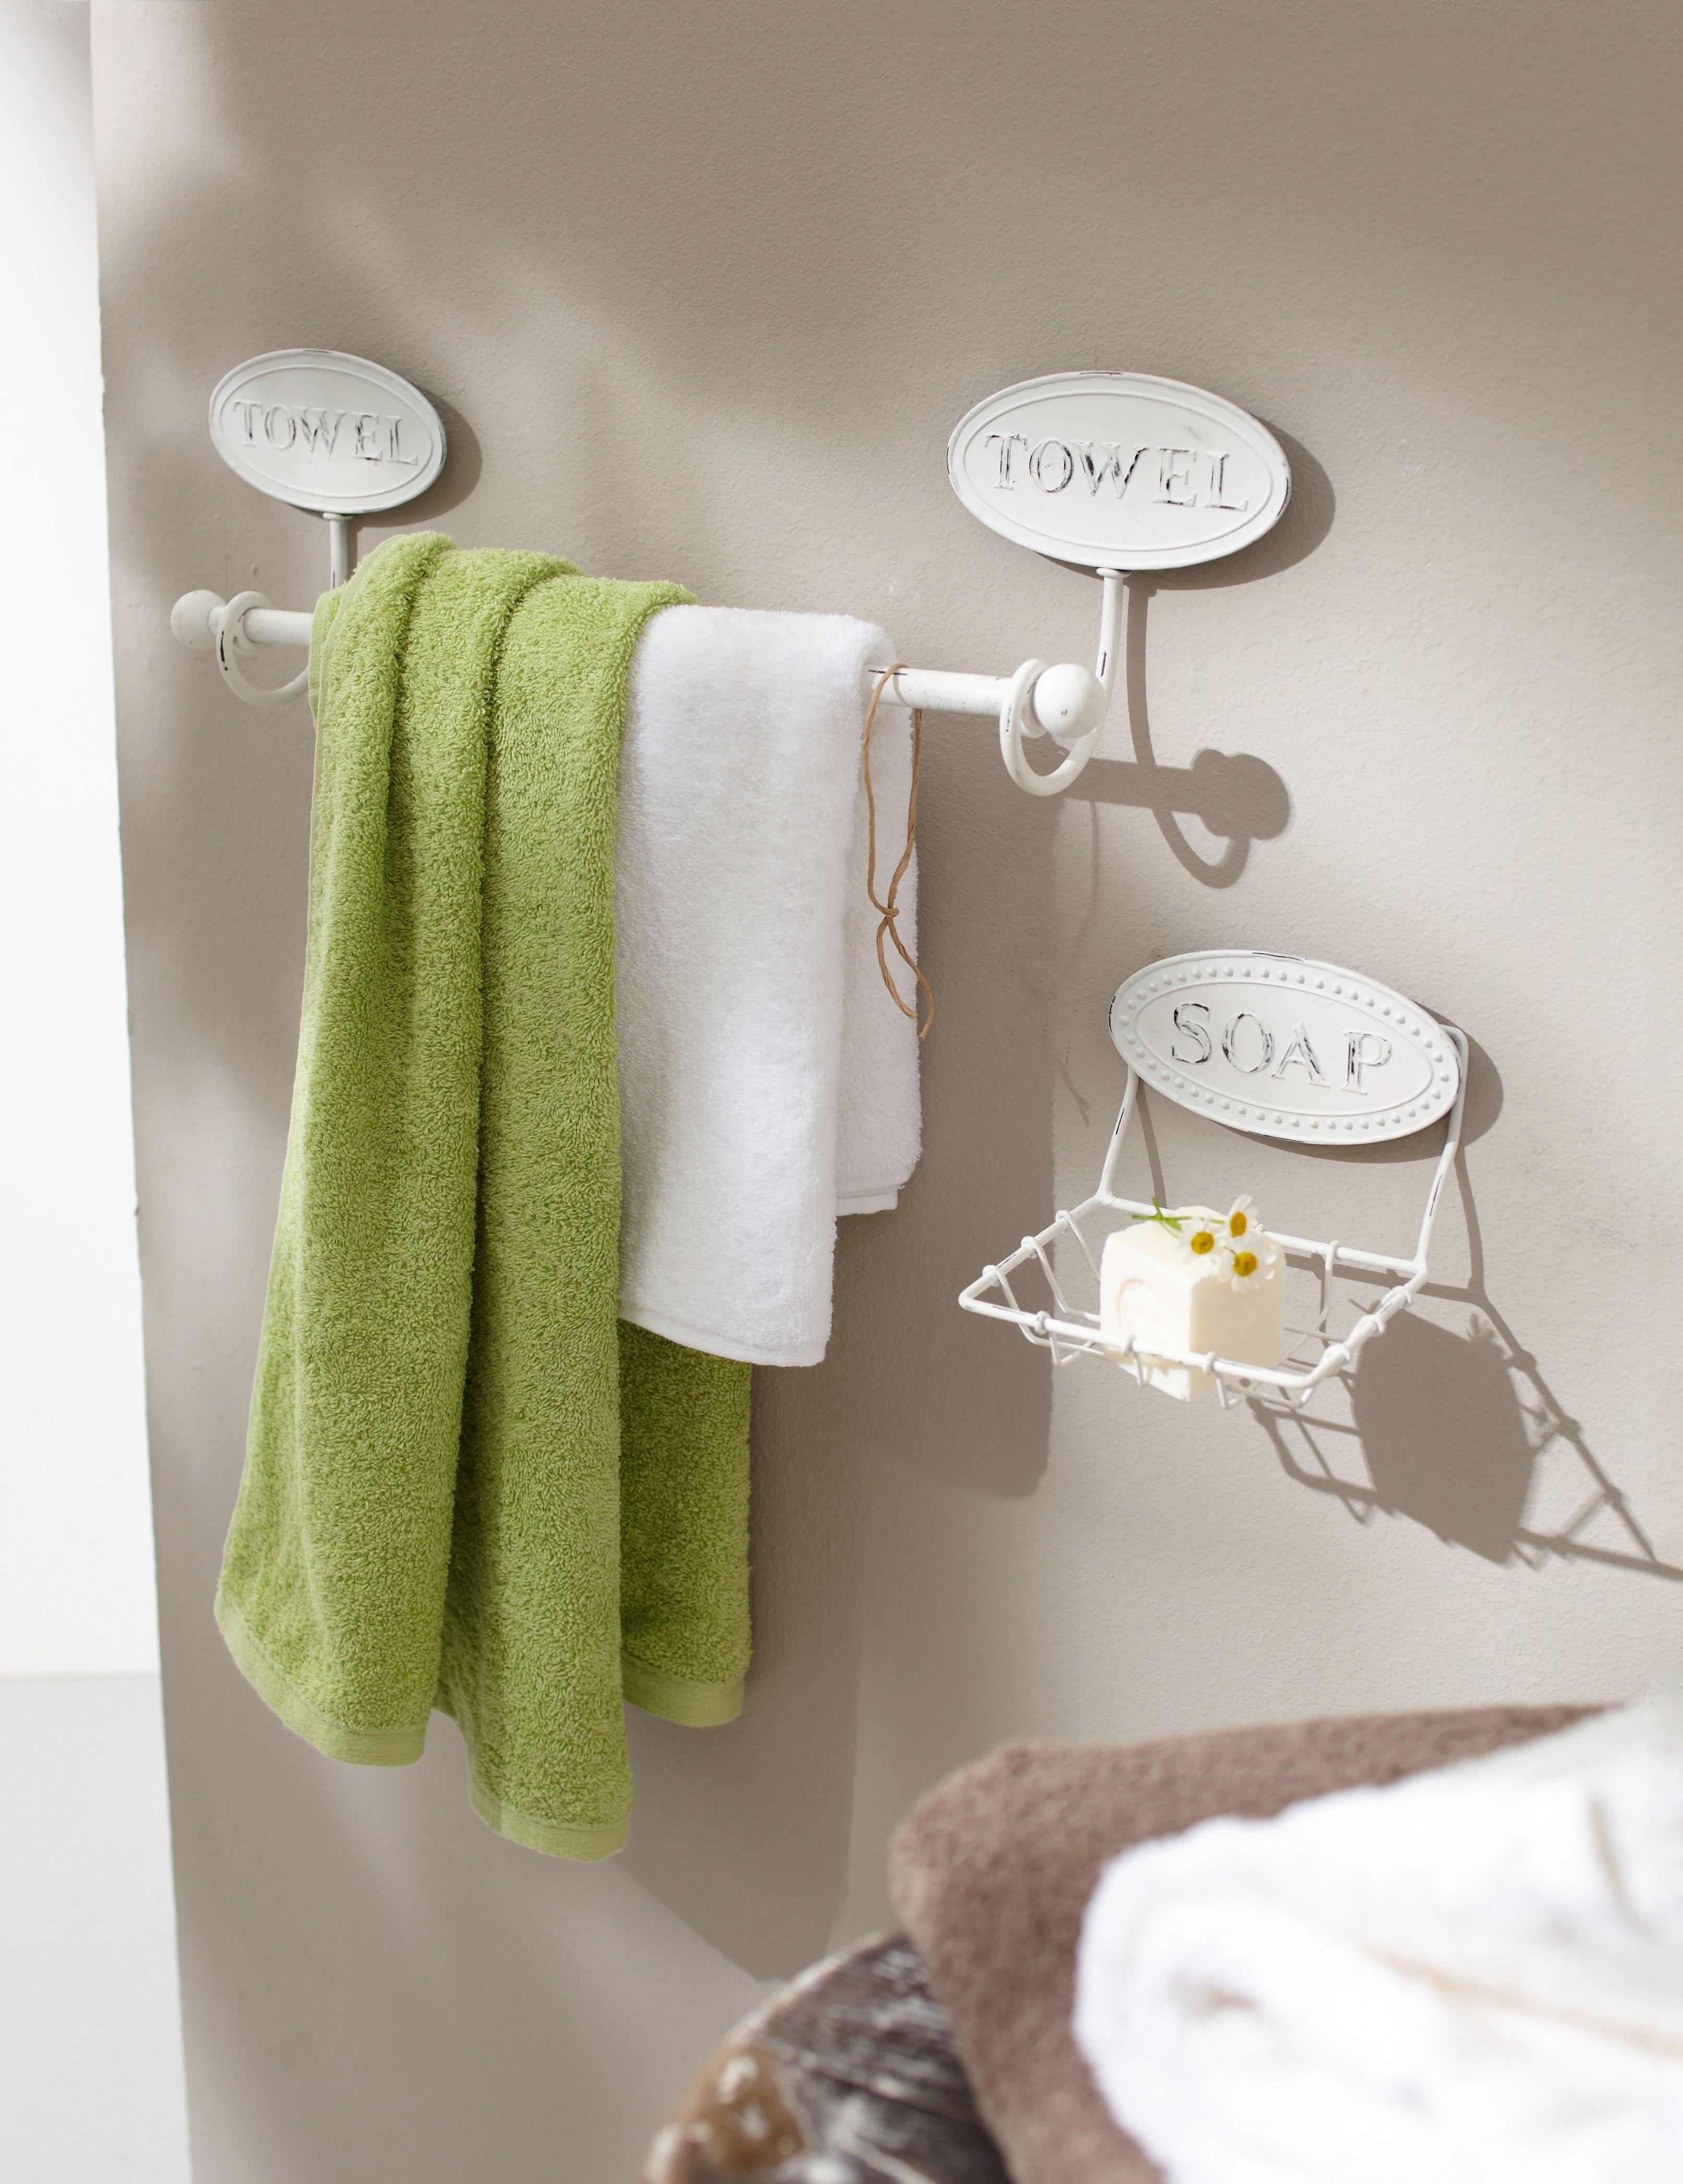 badezimmer geschäft eben abbild oder dbadecbfabfdadcc